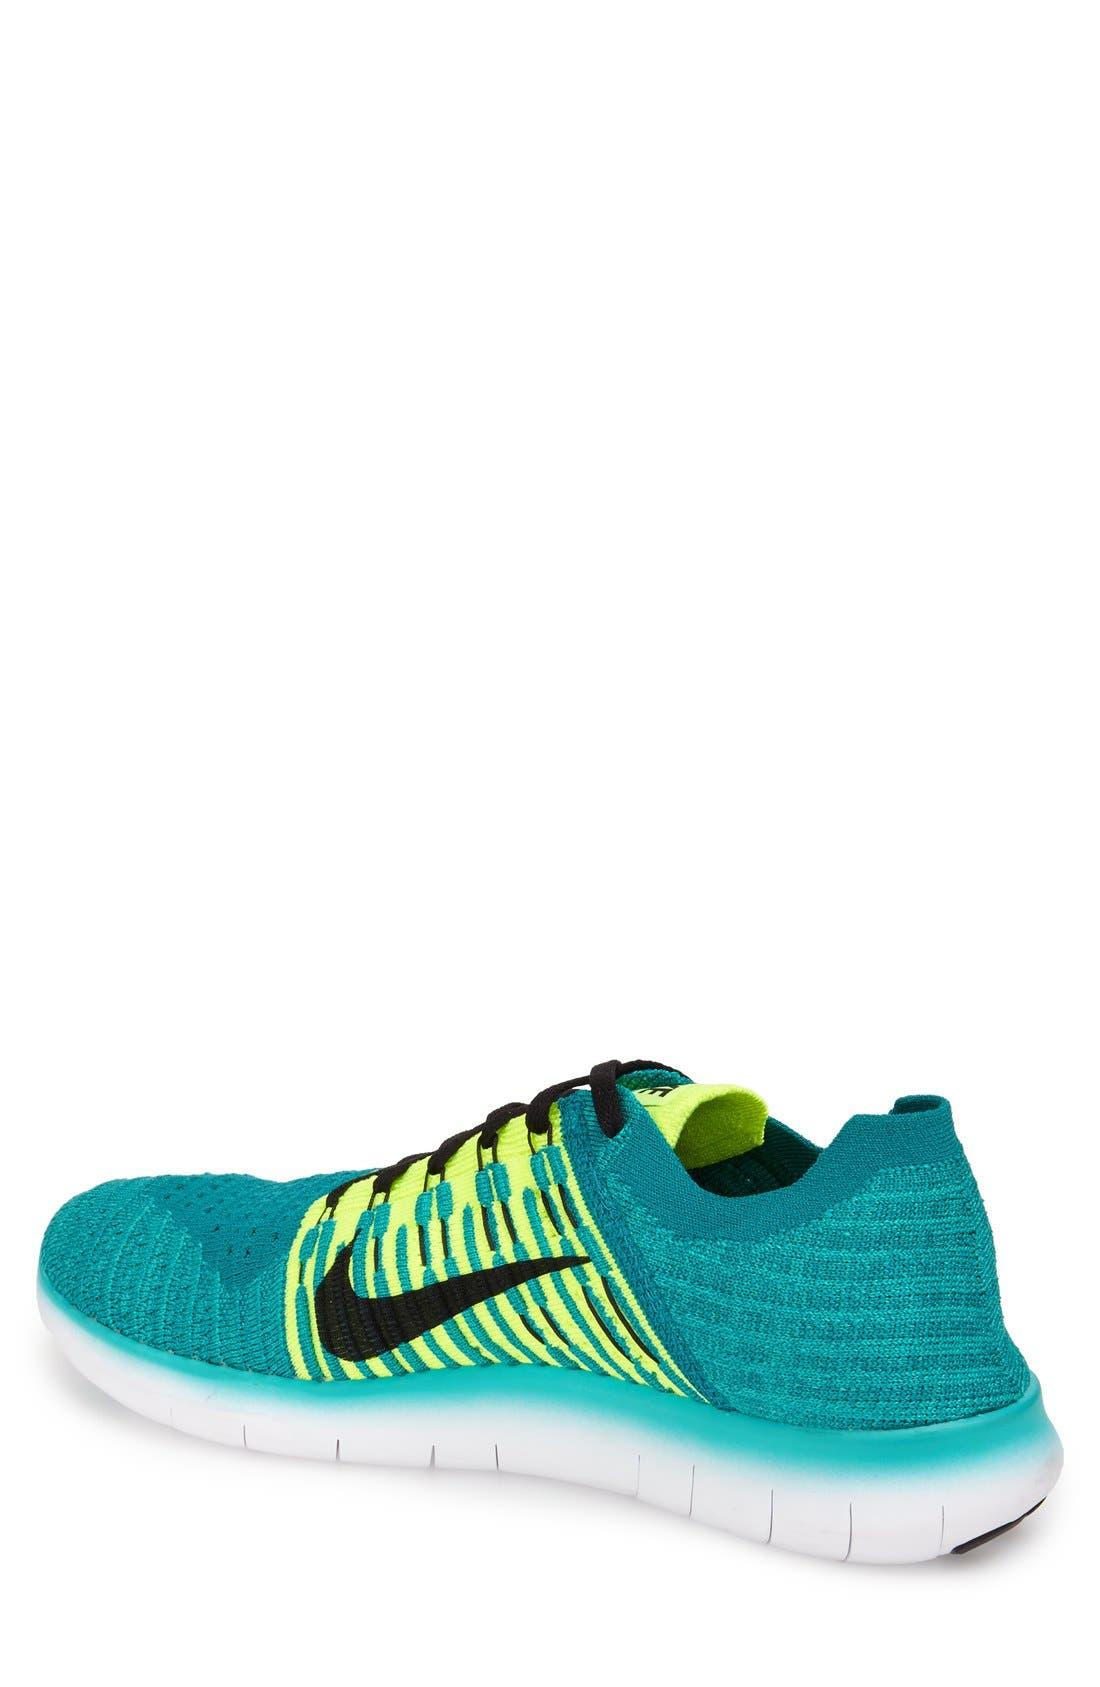 Alternate Image 2  - Nike 'Free Run Flyknit' Running Shoe (Men)